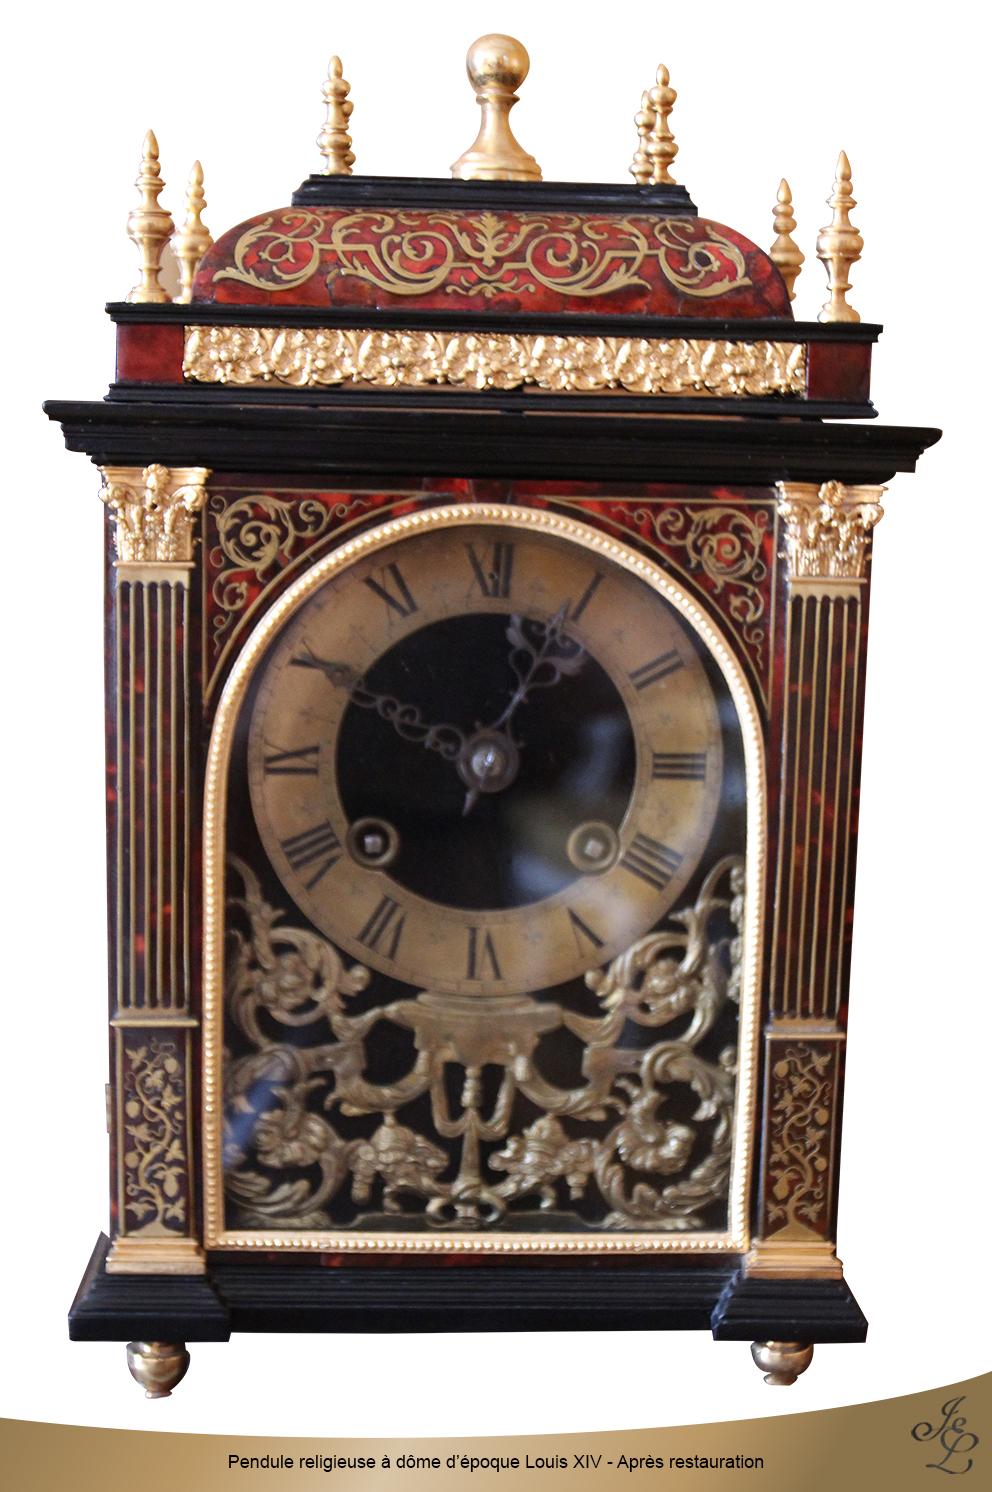 Pendule religieuse à dôme d'époque Louis XIV - Après restauration